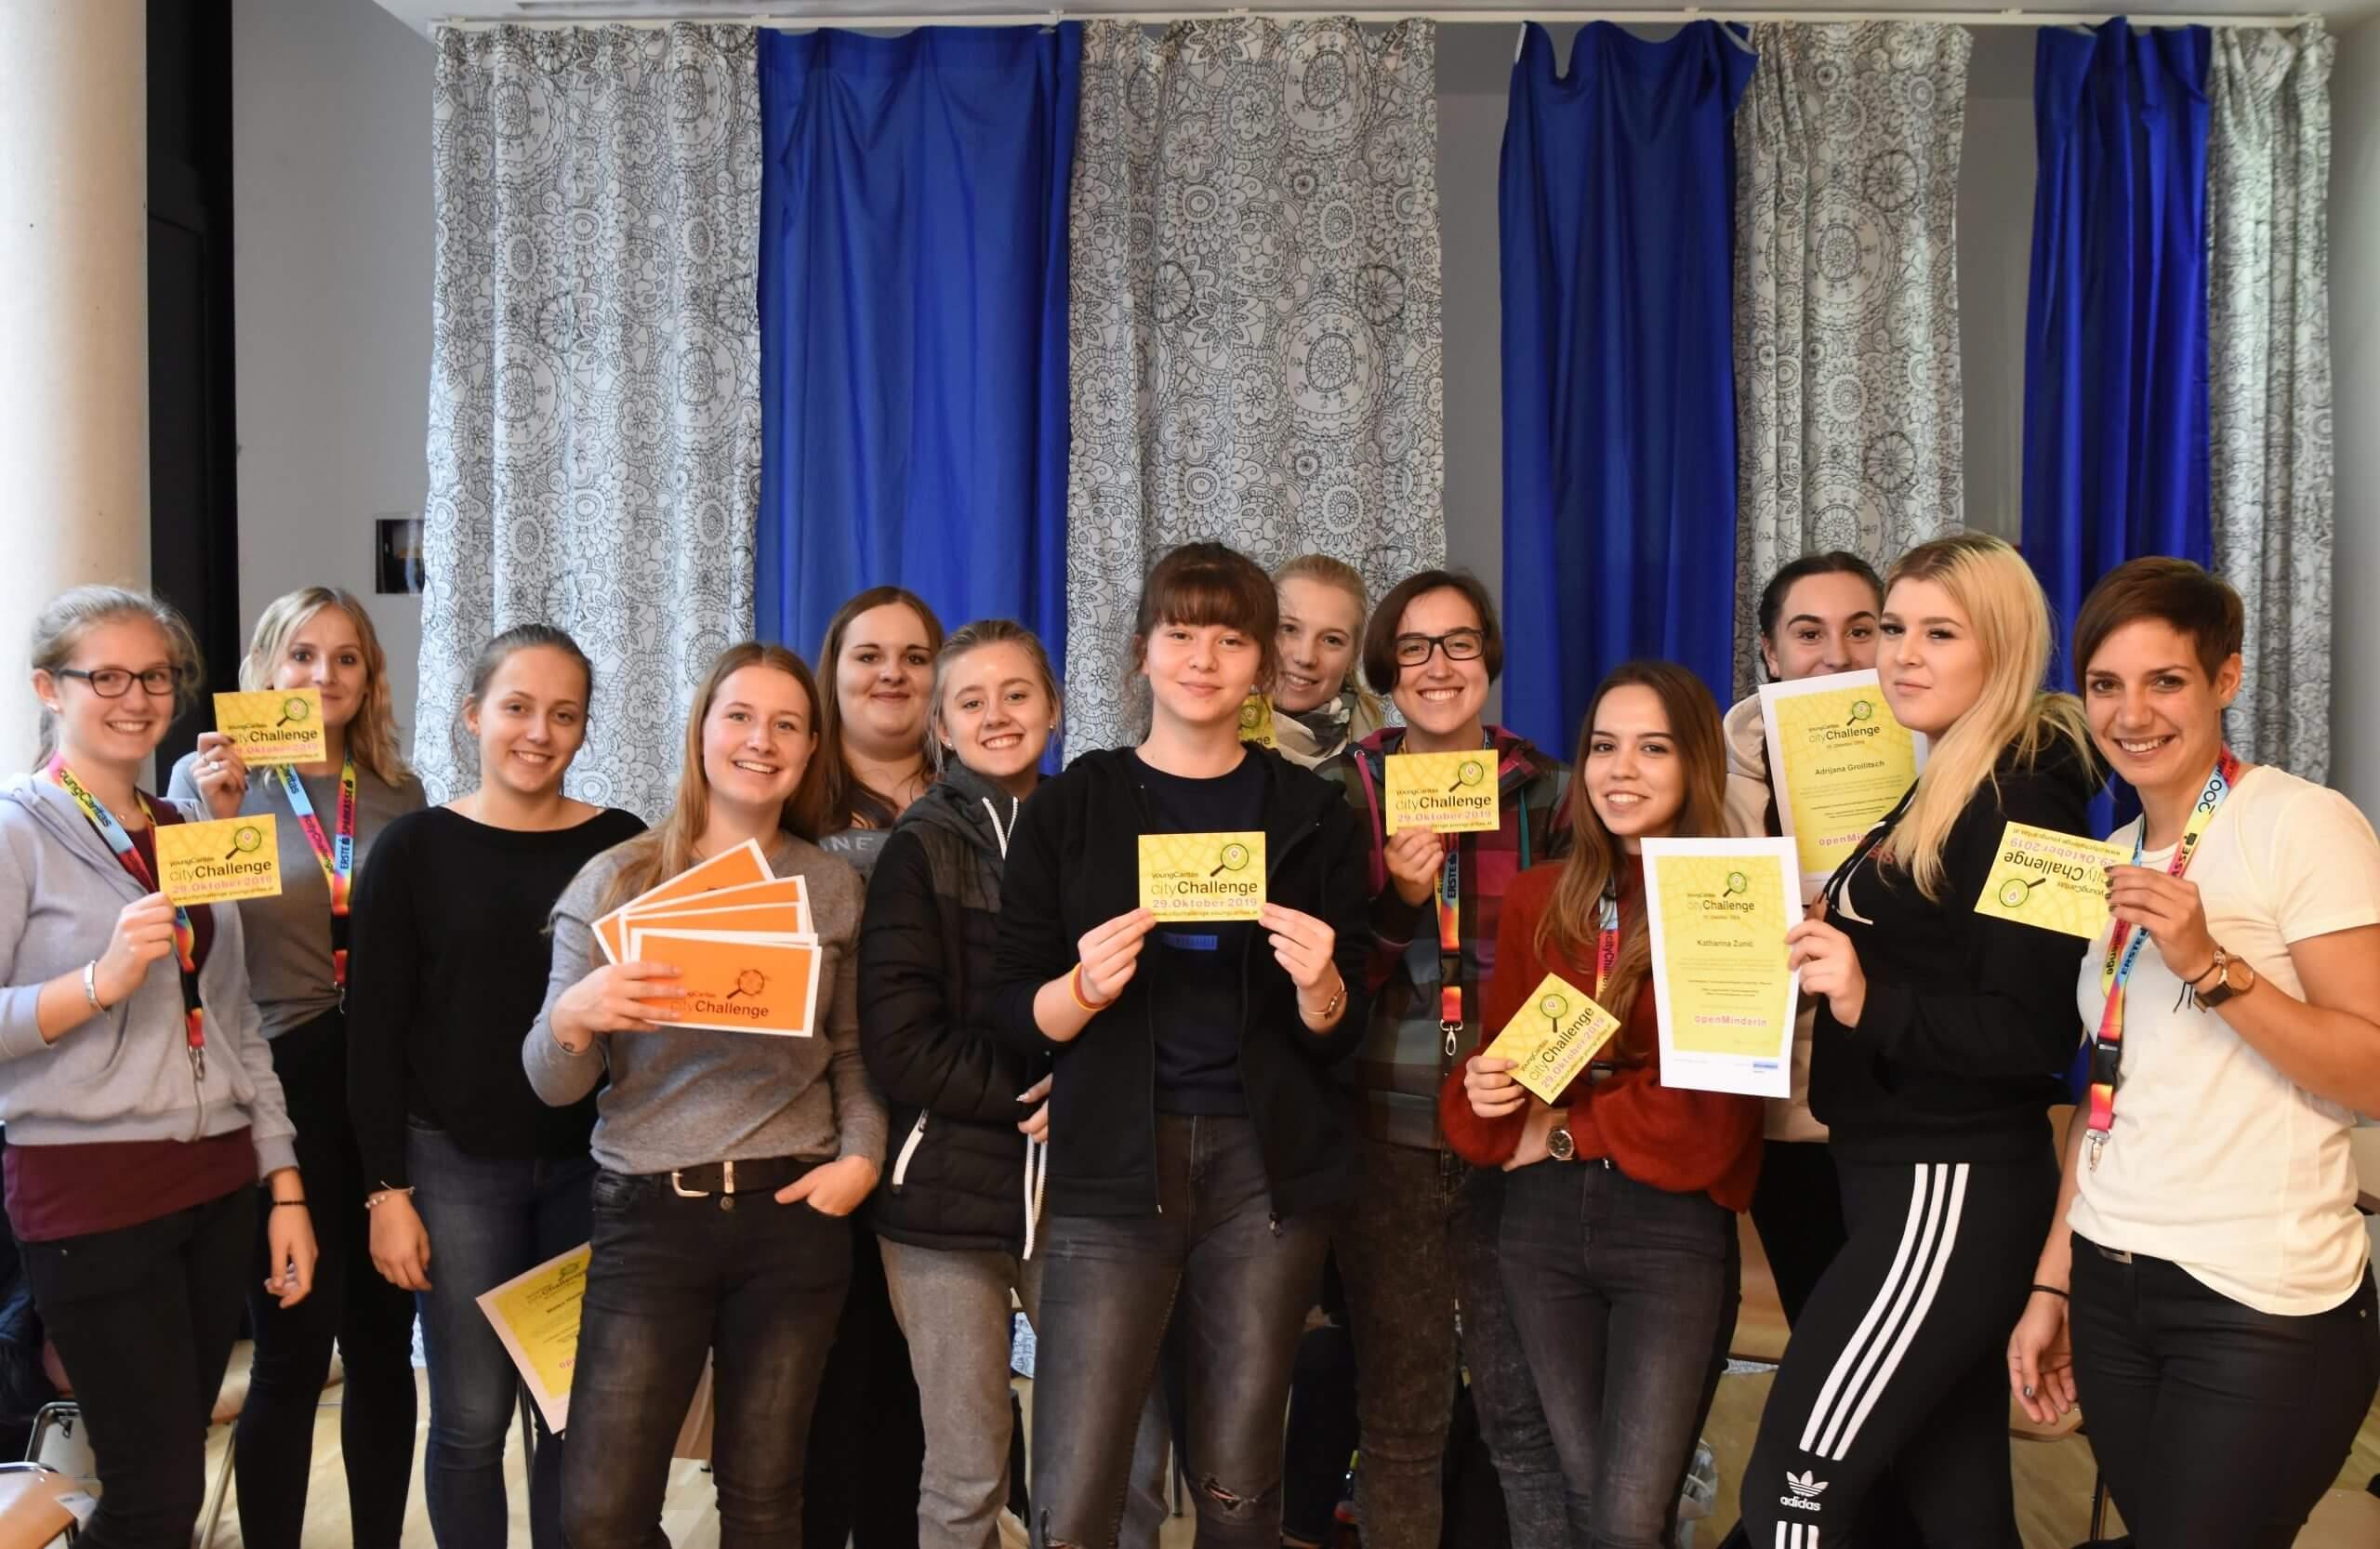 Gruppenfoto der Absolvent*innen der cityChallenge